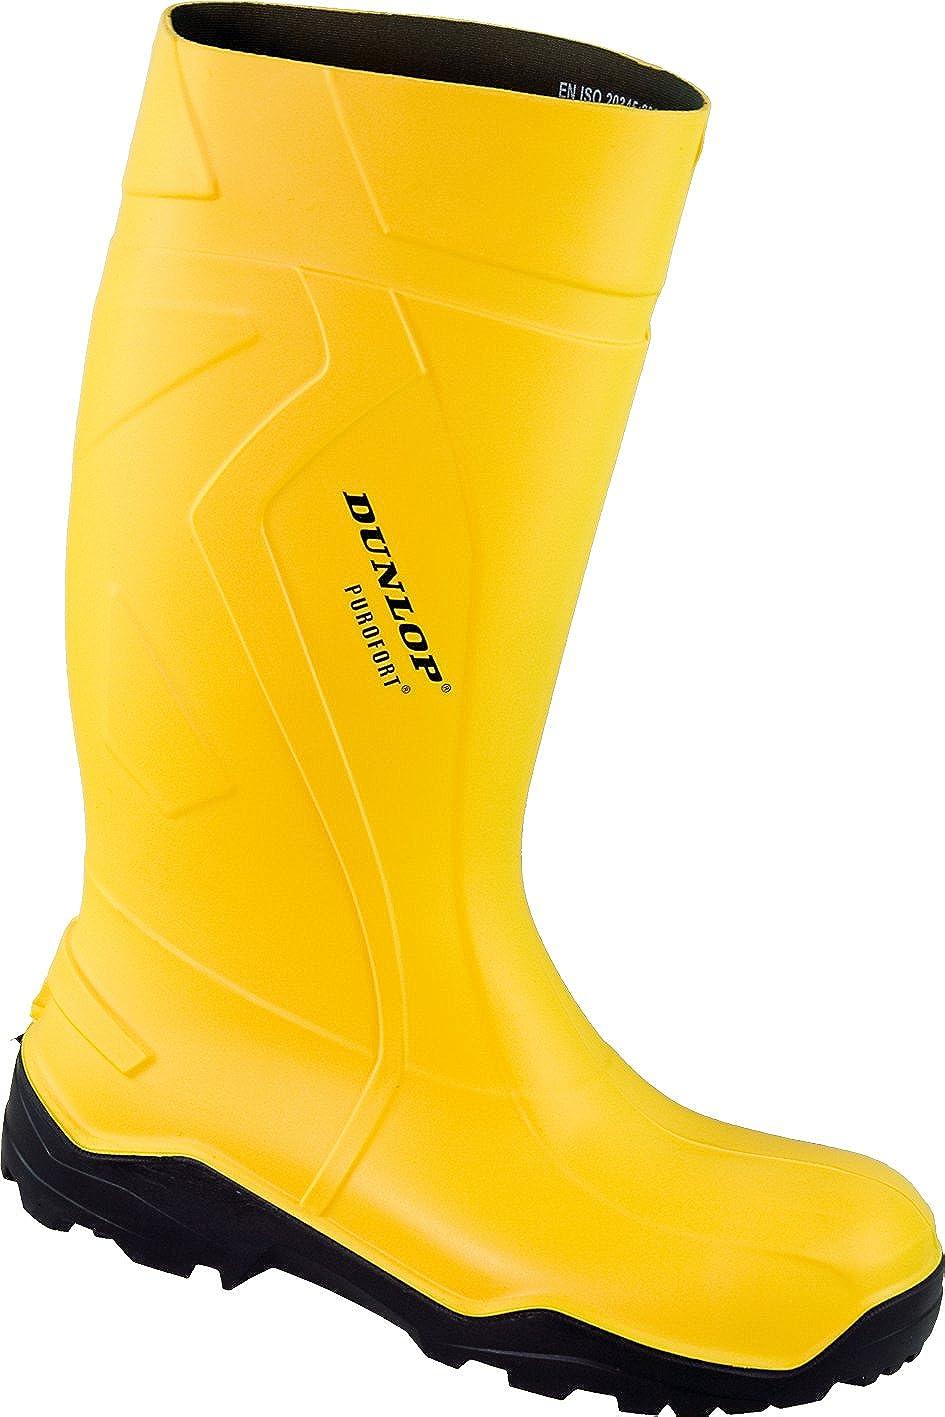 Dunlop Purofort+ - Sicherheitsstiefel in 3 Farben